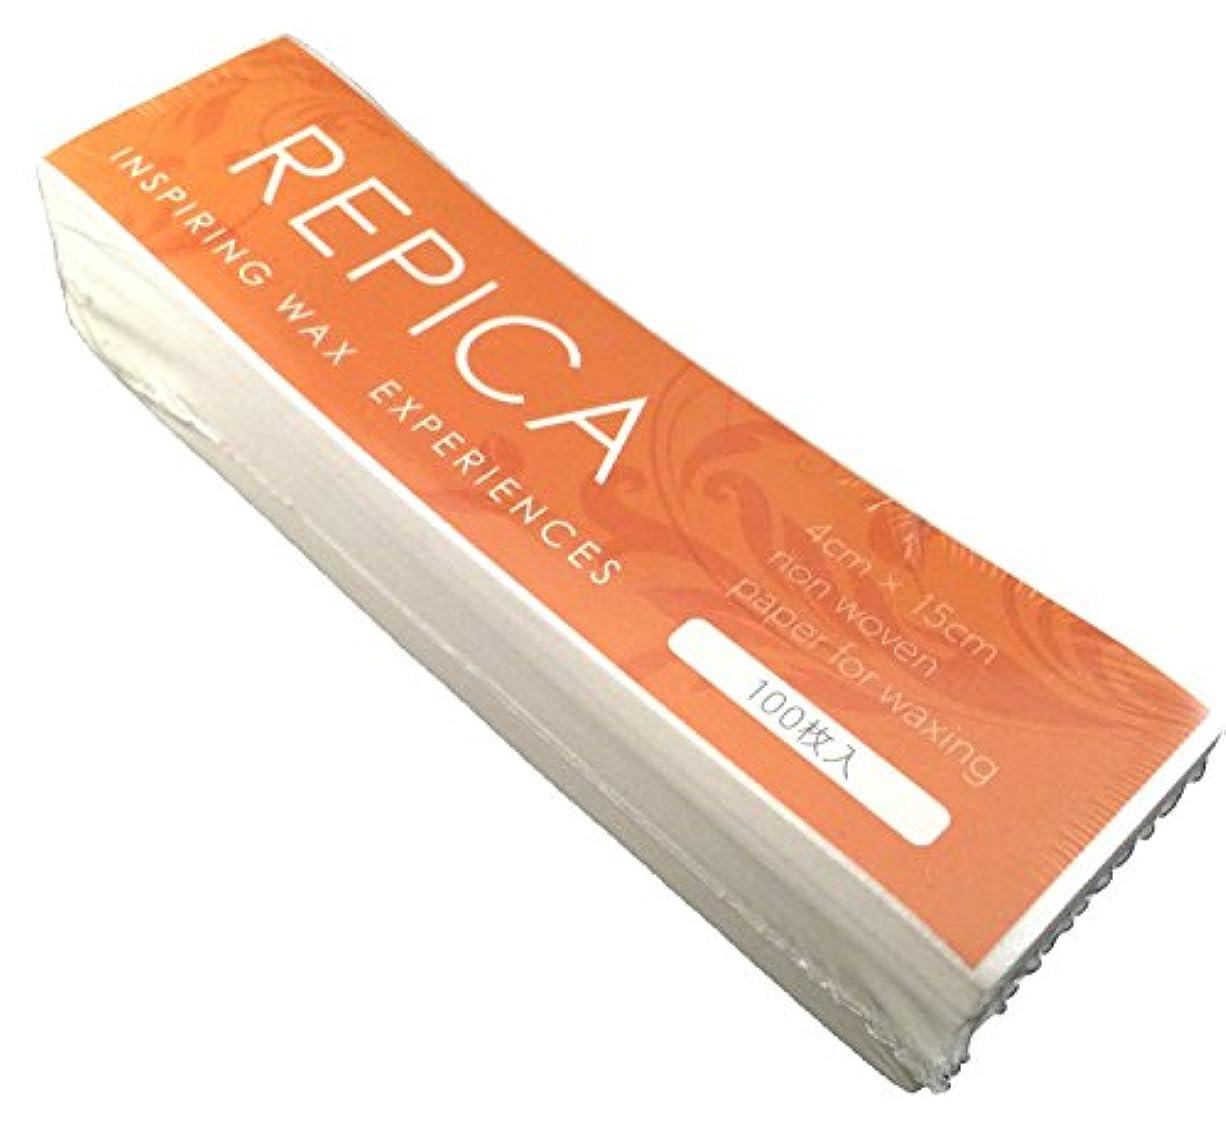 スキル飾り羽変化REPICA ブラジリアンワックス脱毛 カットペーパー Sサイズ100枚入り×5個セット ワックス脱毛 ワックスシート ストリップシート